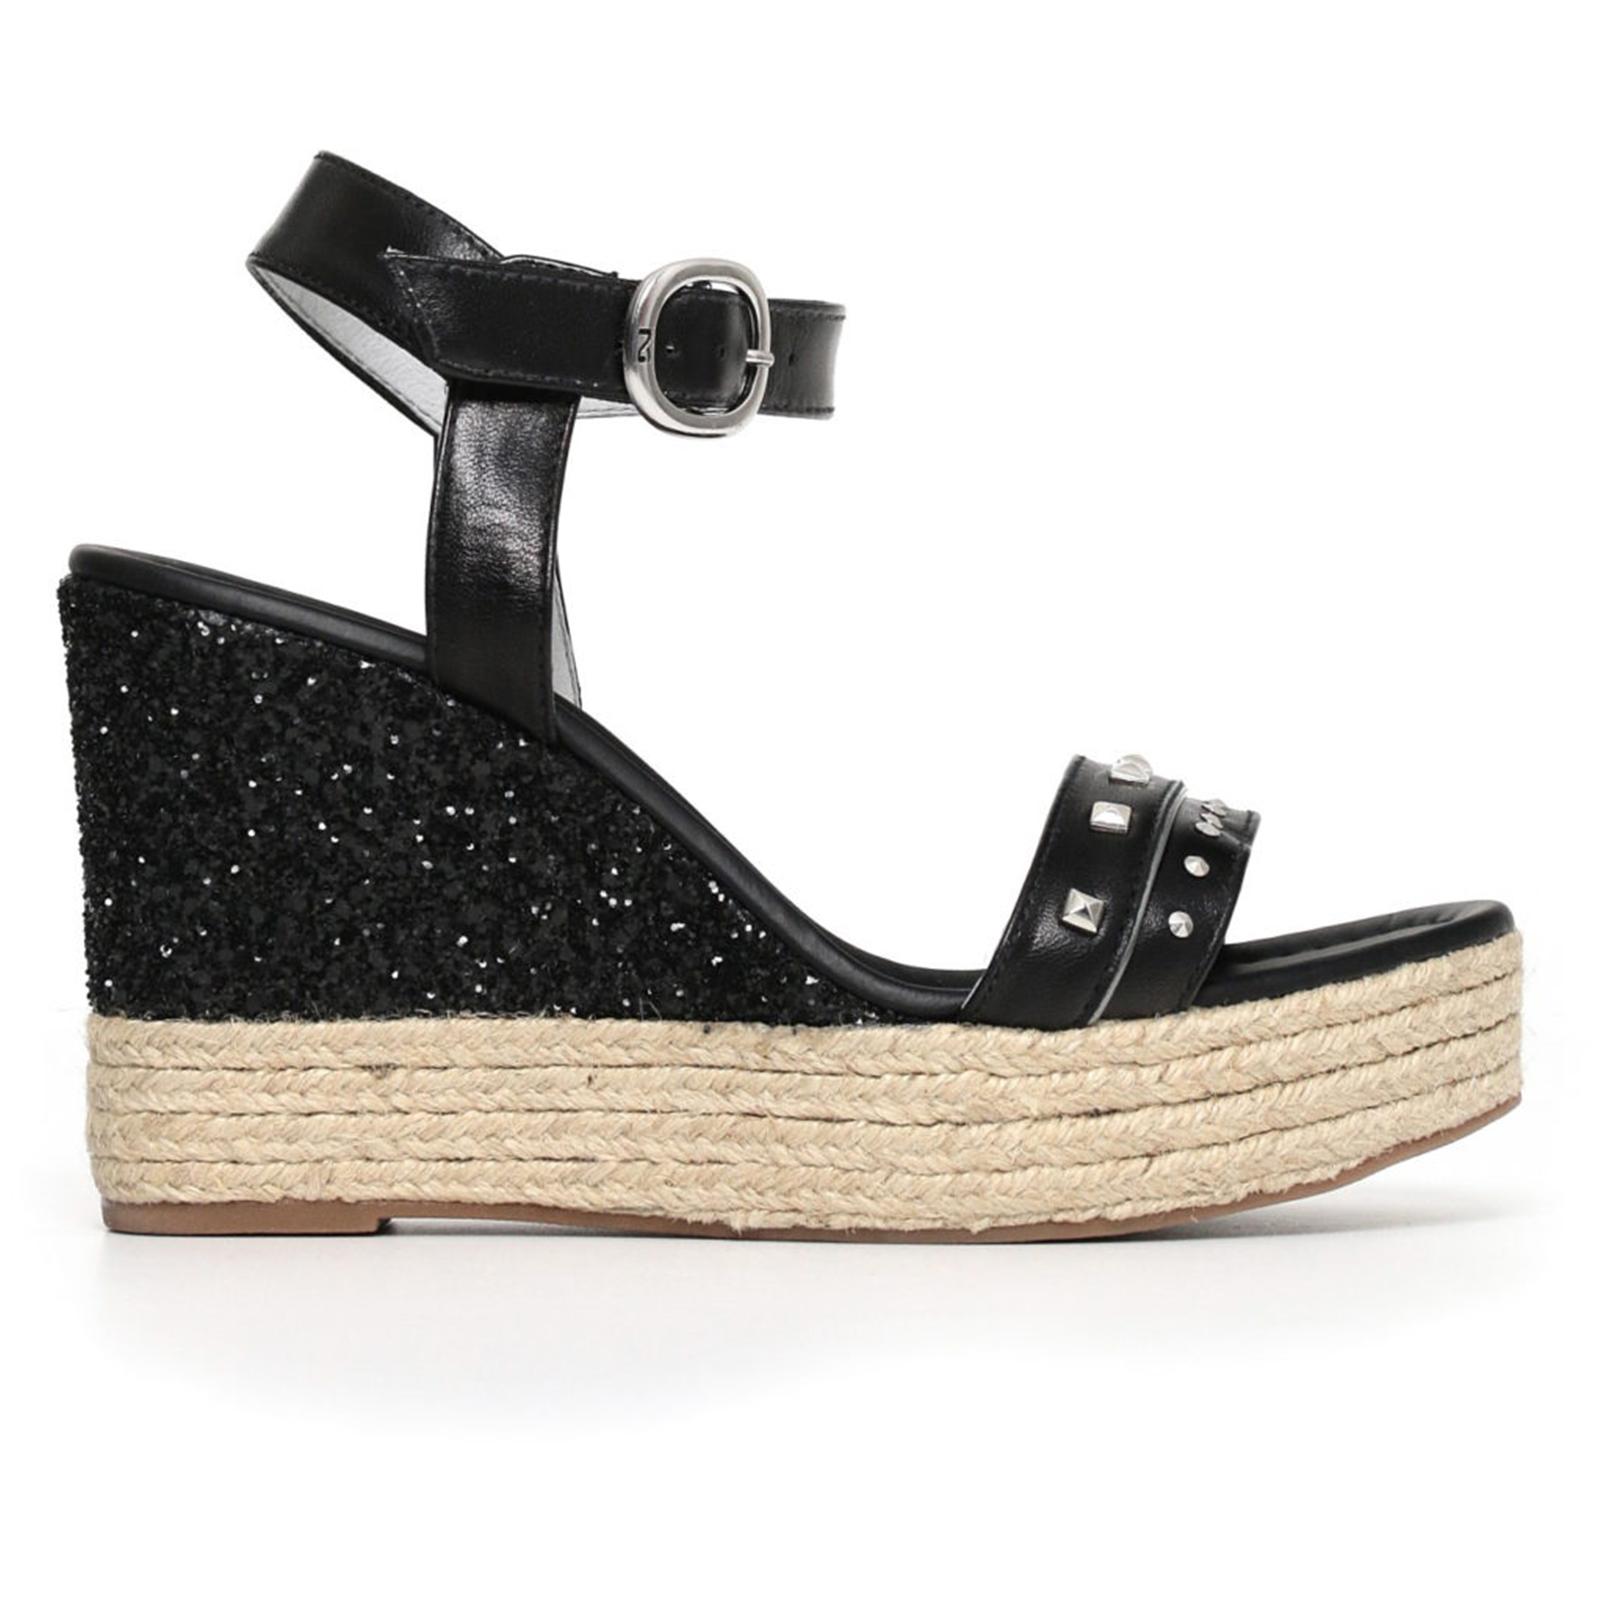 Sandali scarpe Nero Giardini Fashion donna nero P805890D 100 listino €  119 ec6a18db771